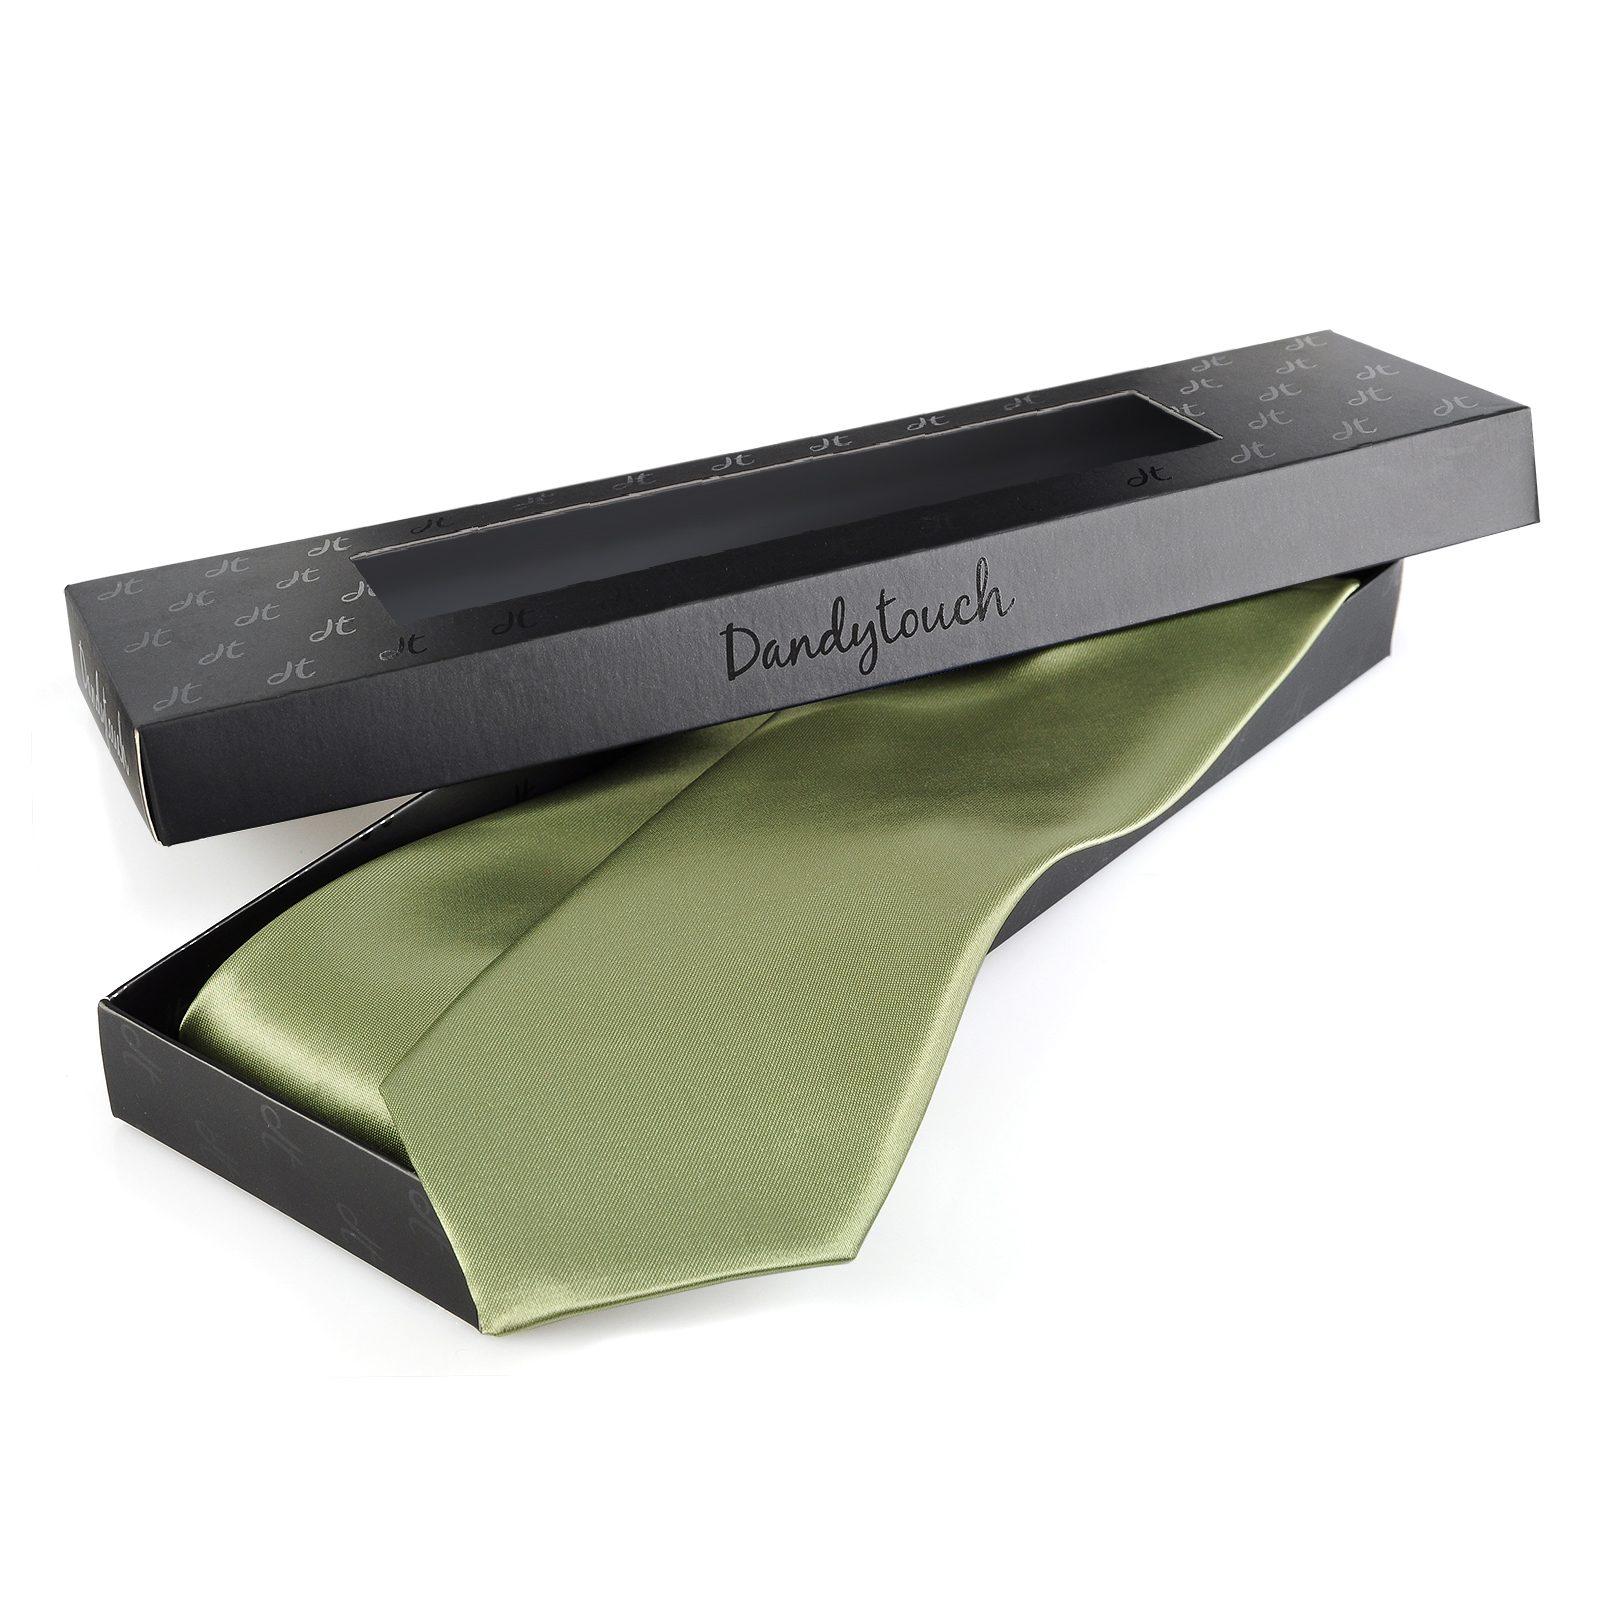 http://lookbook.allee-du-foulard.fr/wp-content/uploads/2018/11/CV-00243-F16-cravate-vert-tilleul-polysatin-1600x1600.jpg